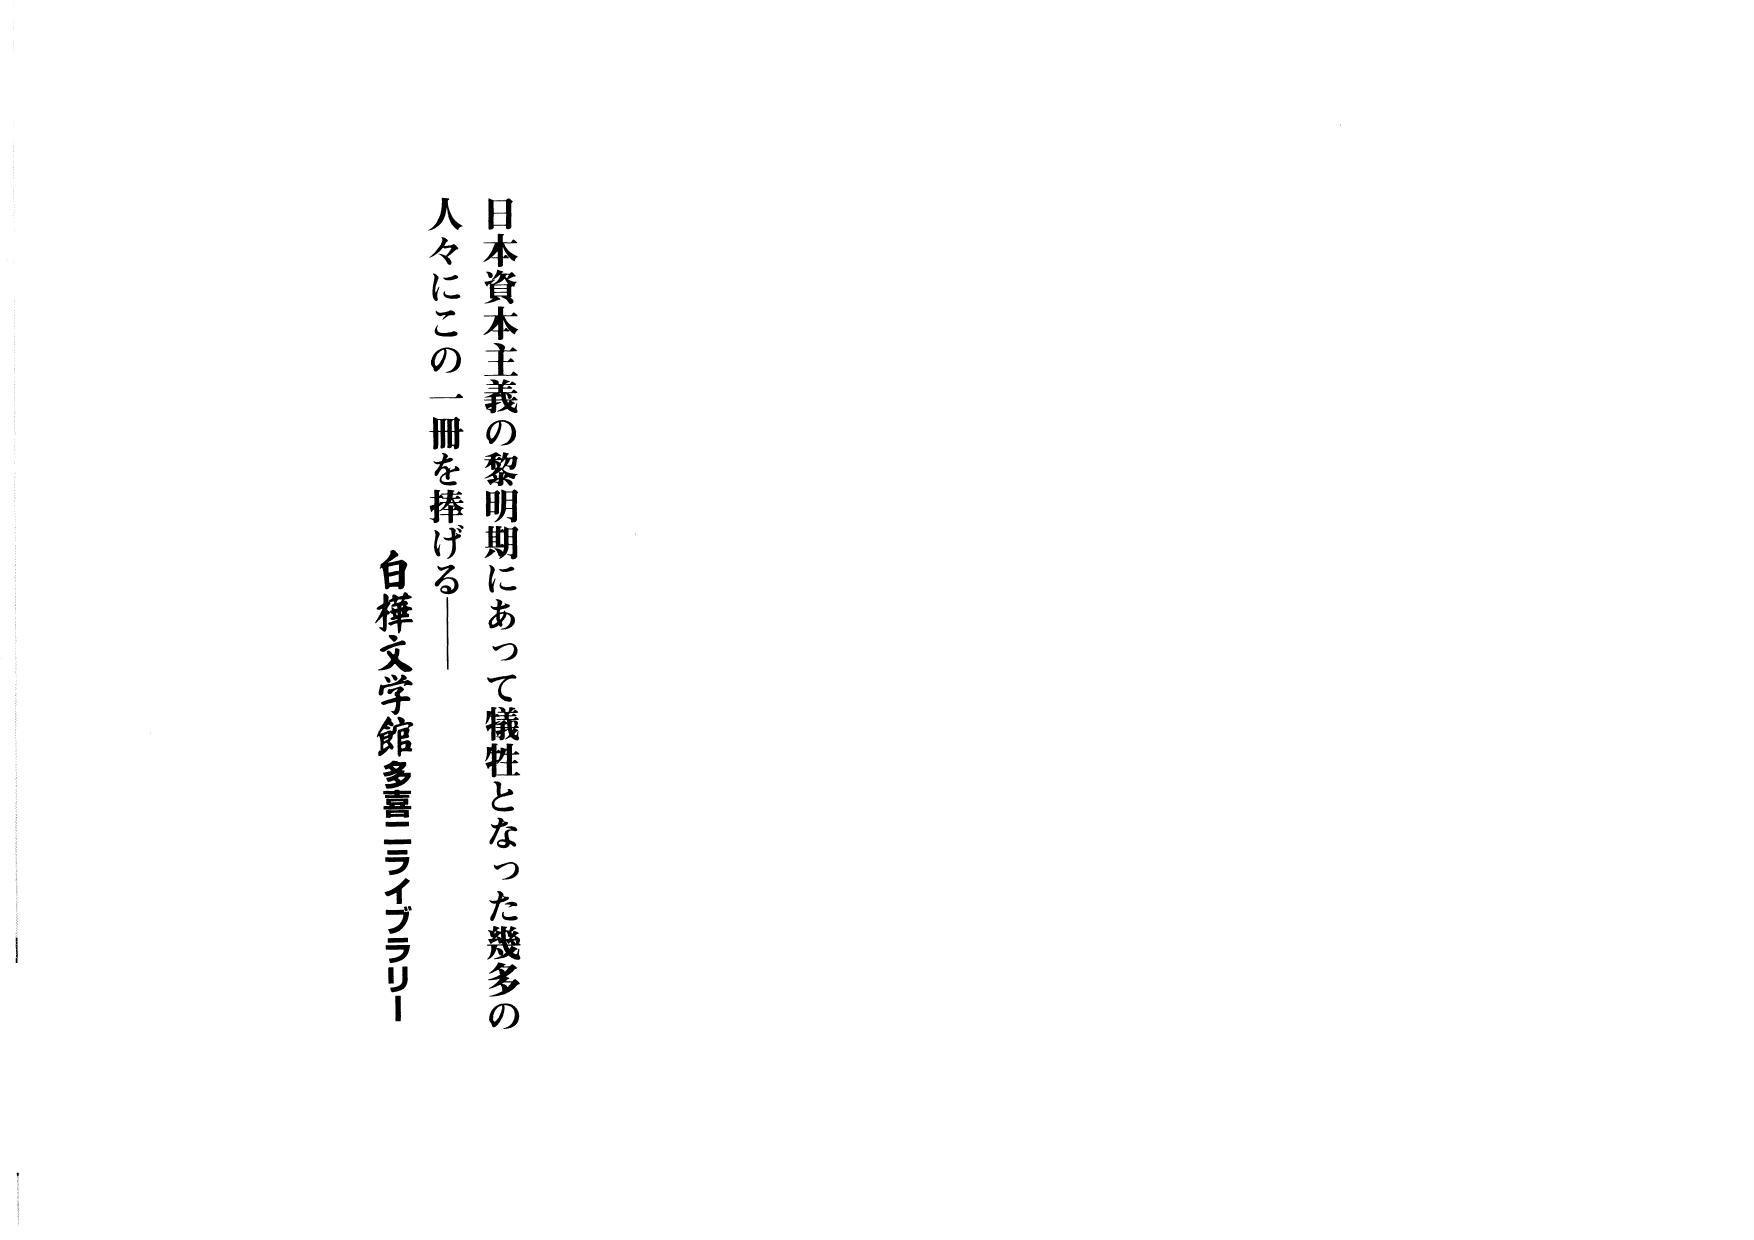 kani_cmc_000003.jpg